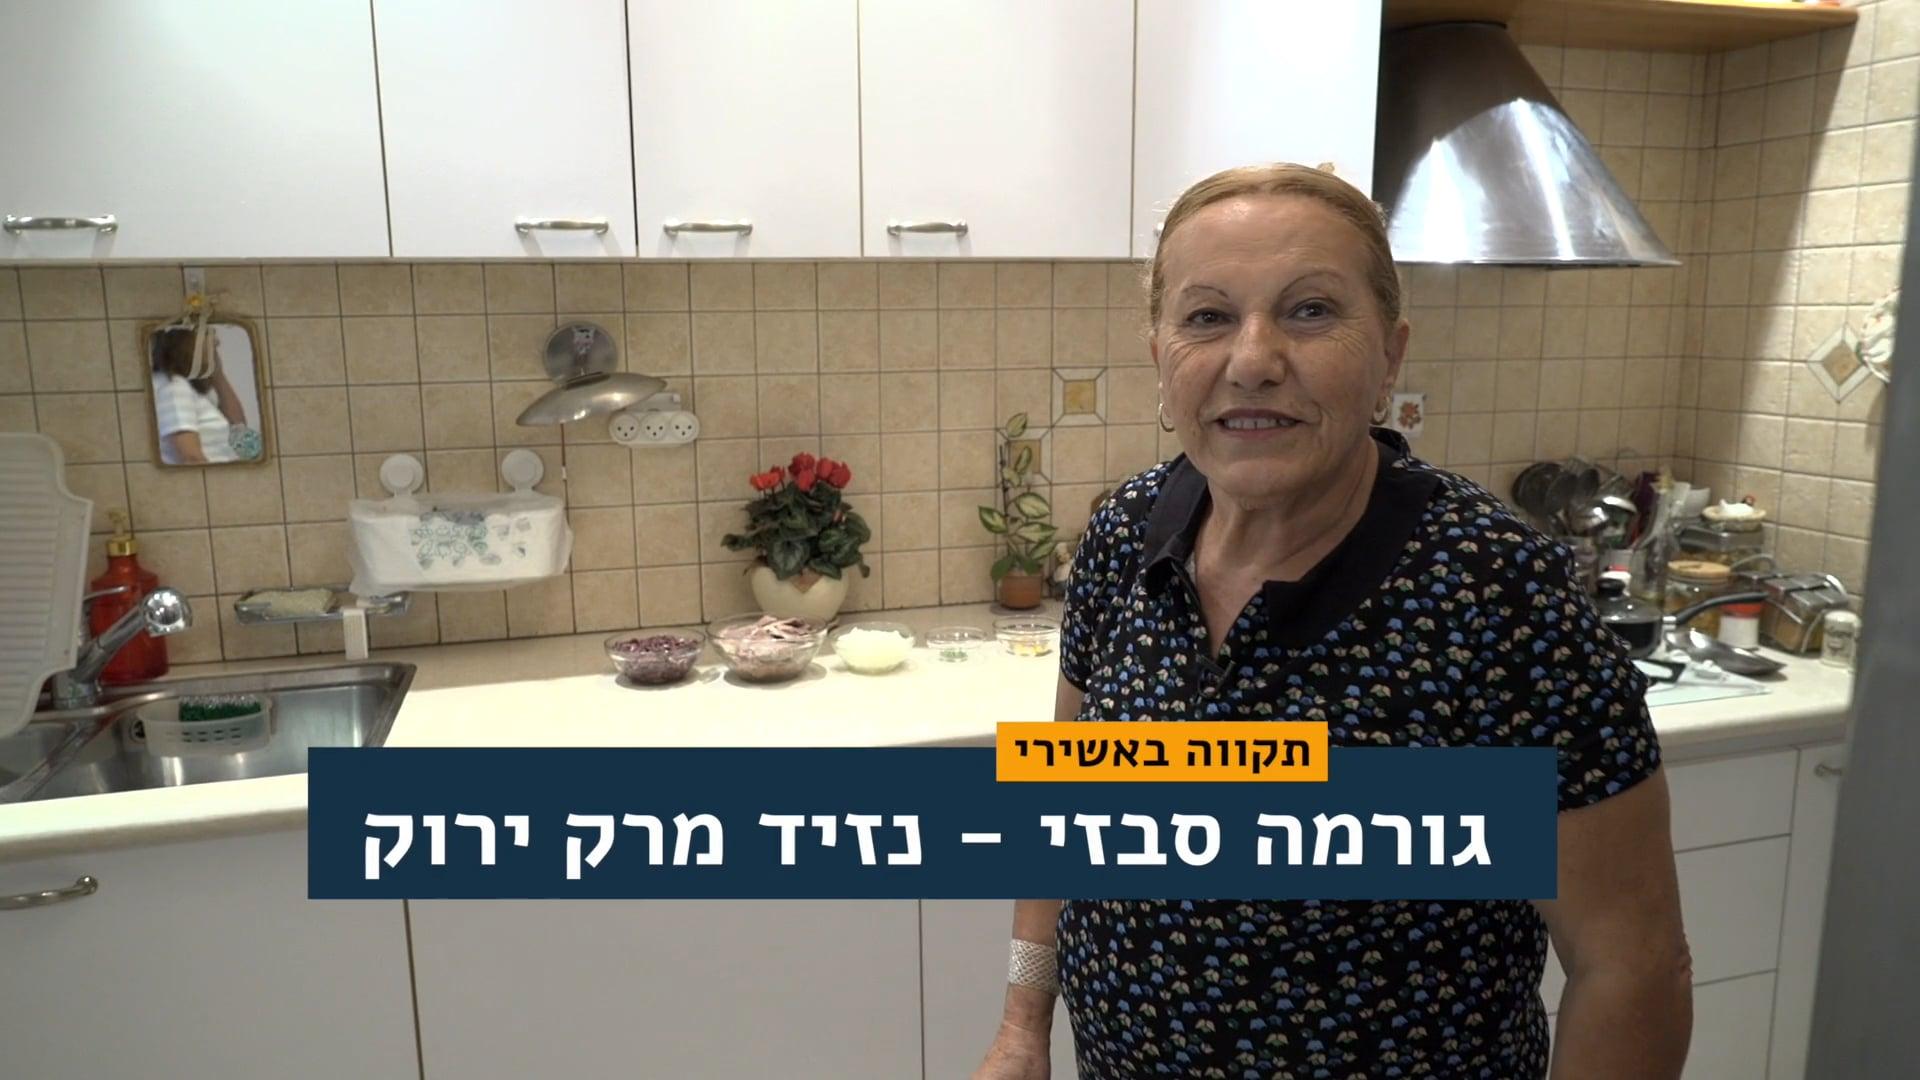 המתכון הסודי של סבתא תקווה